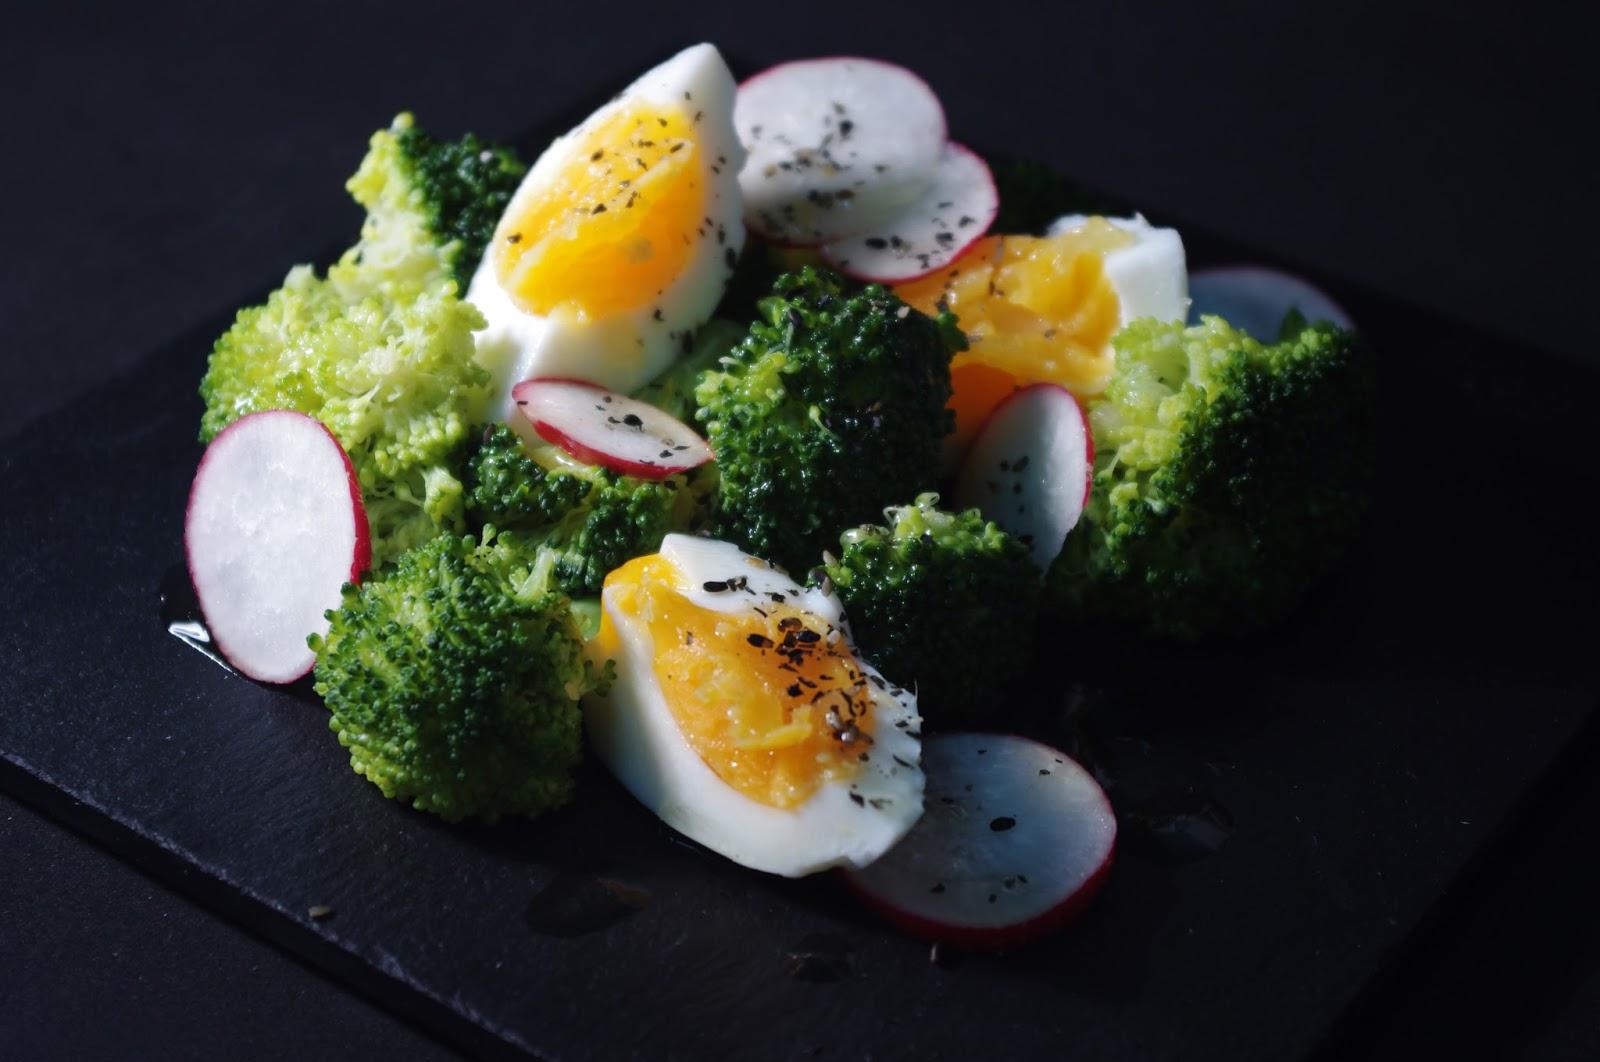 Ensalada de brócoli y huevo con rábano y salsa de miel